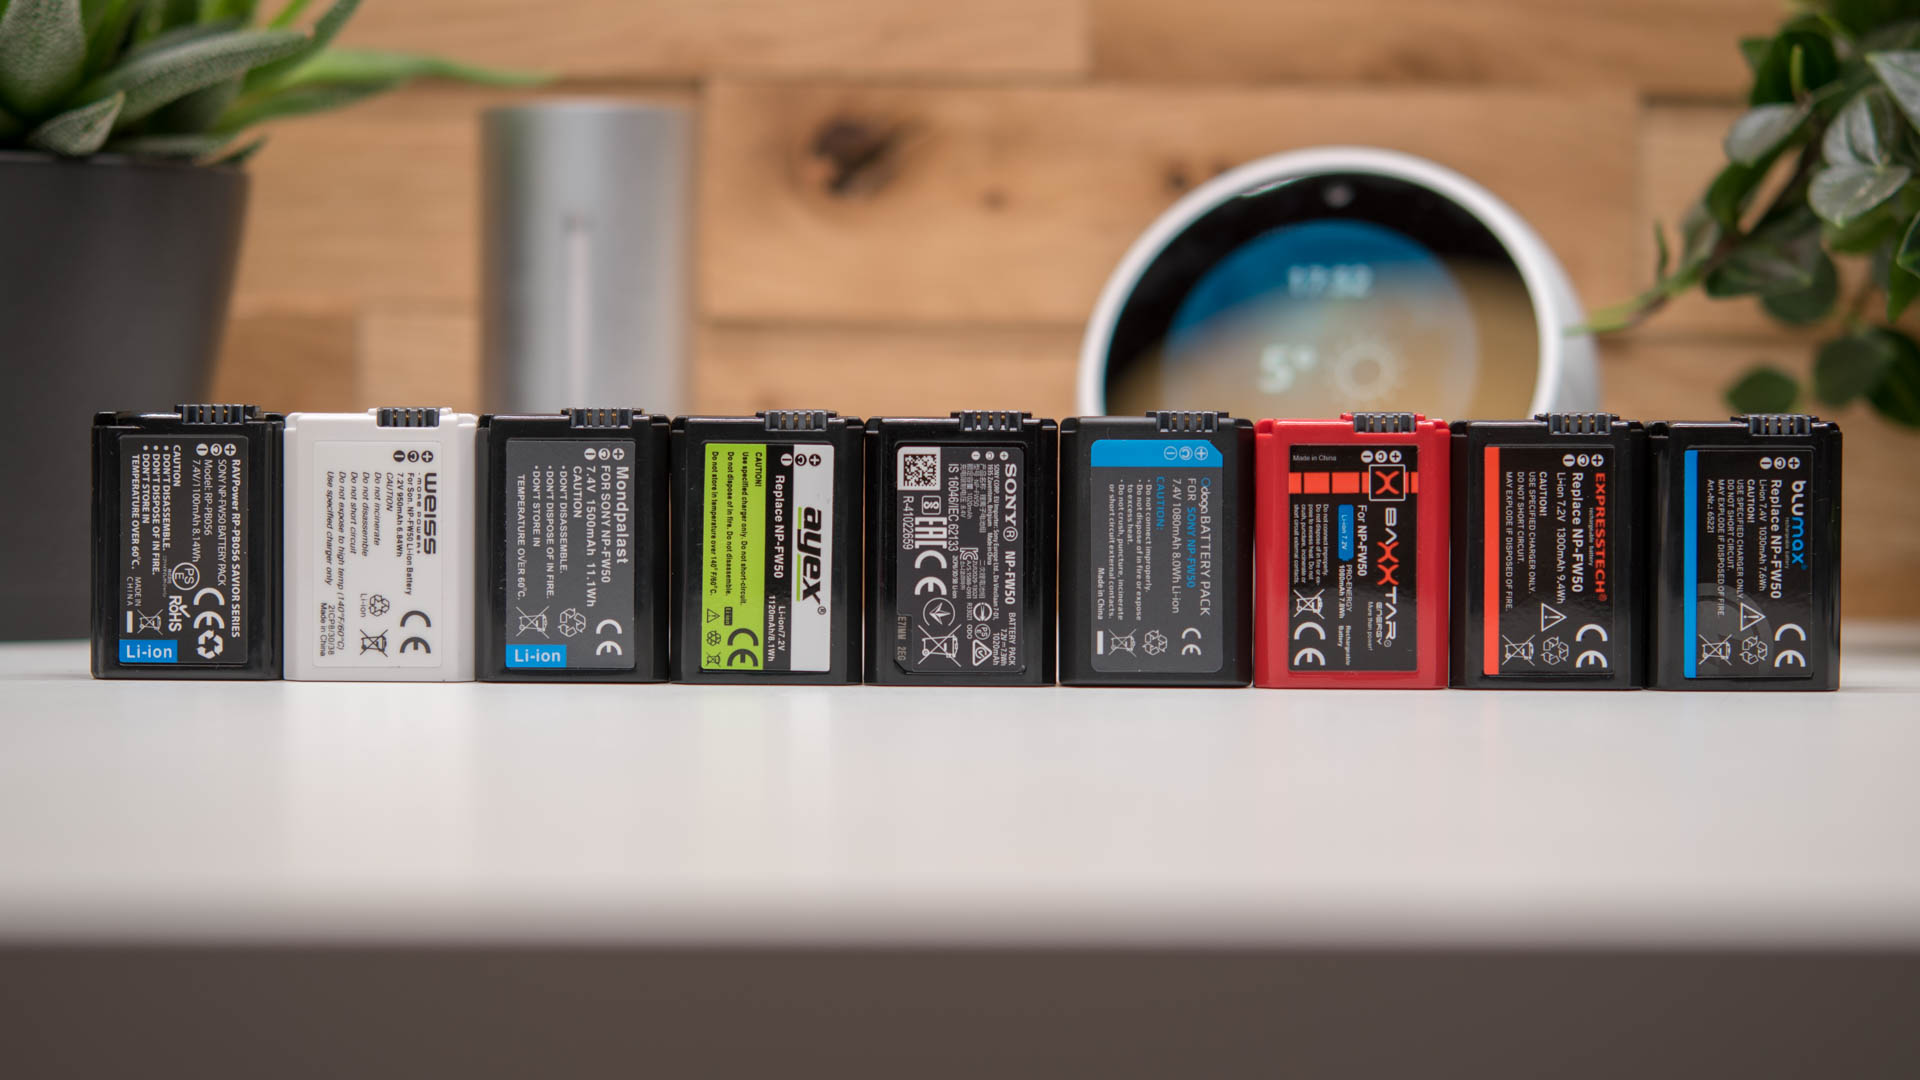 9x np fw50 akkus f r sony kameras im vergleich welcher ist der beste akku f r eine sony kamera. Black Bedroom Furniture Sets. Home Design Ideas